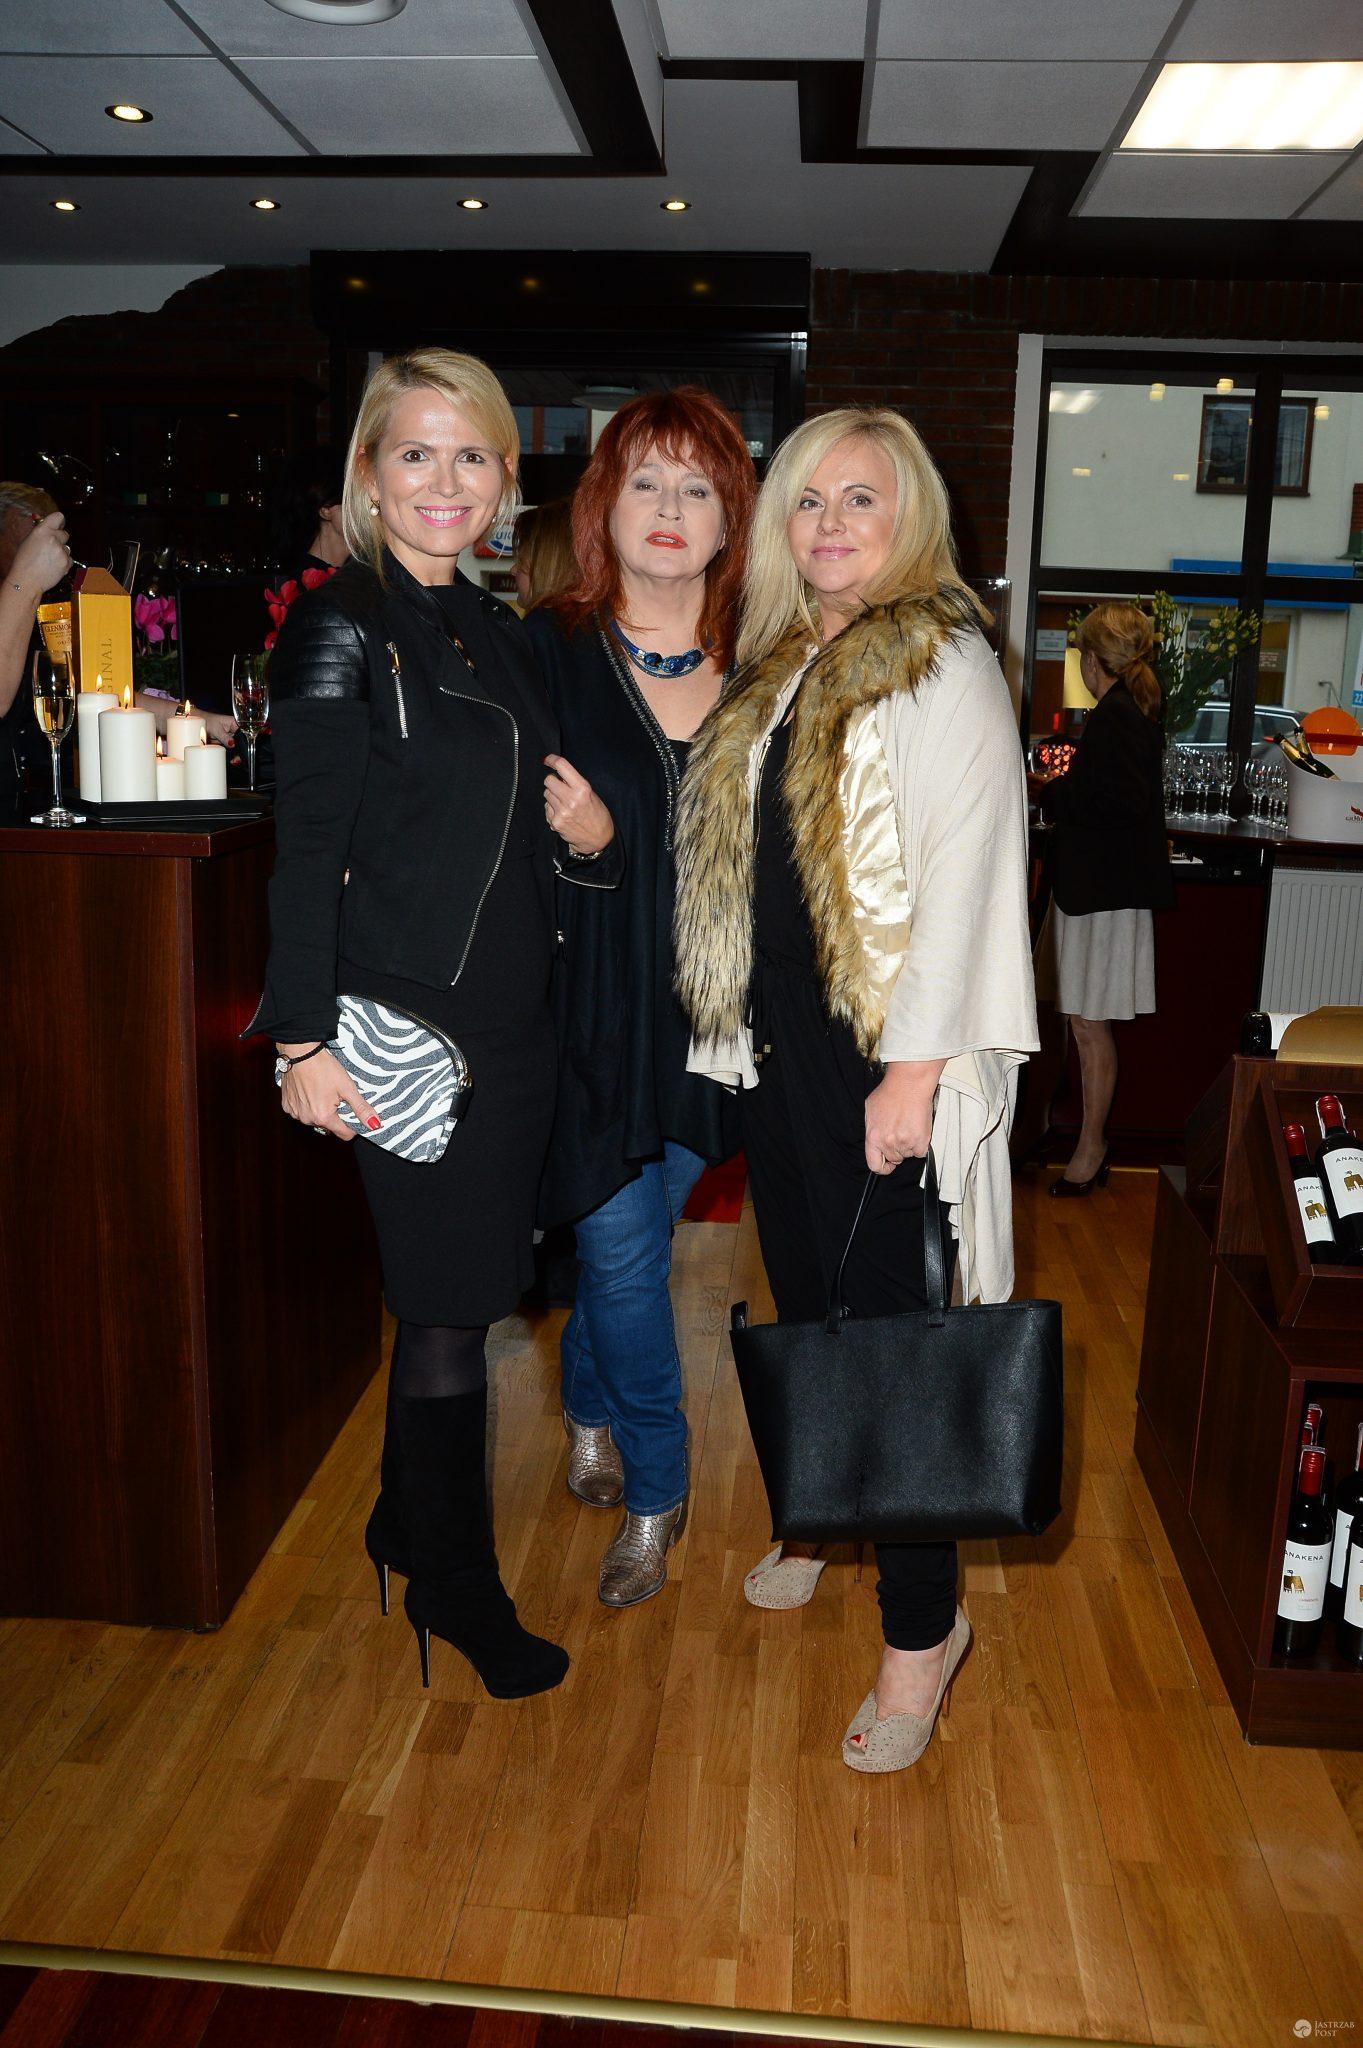 Anna Jurksztowicz, Danuta Błażejczyk i Joanna Kurowska na otwarciu salonu z ekskluzywnymi trunkami w Konstancinie